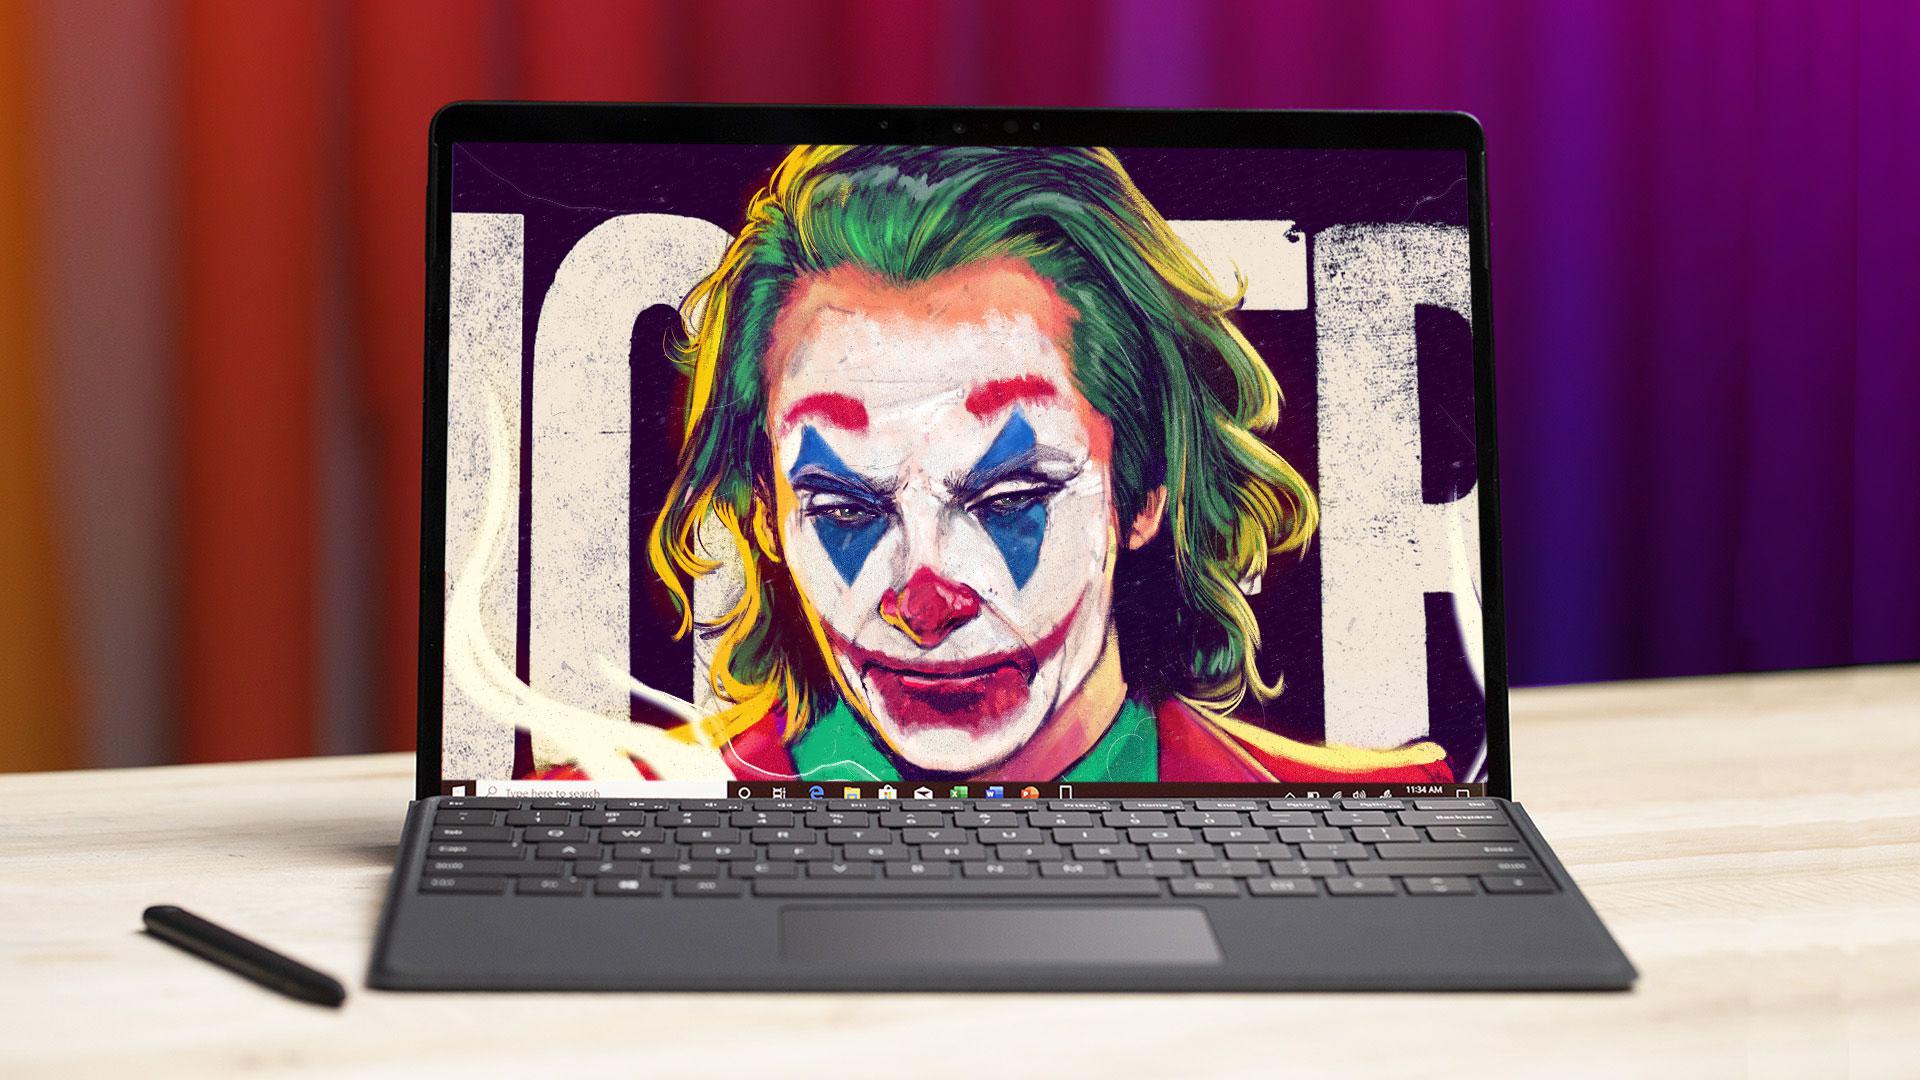 Chia sẻ bộ ảnh nền phim bom tấn Joker đang công phá phòng vé, mời anh em tải về